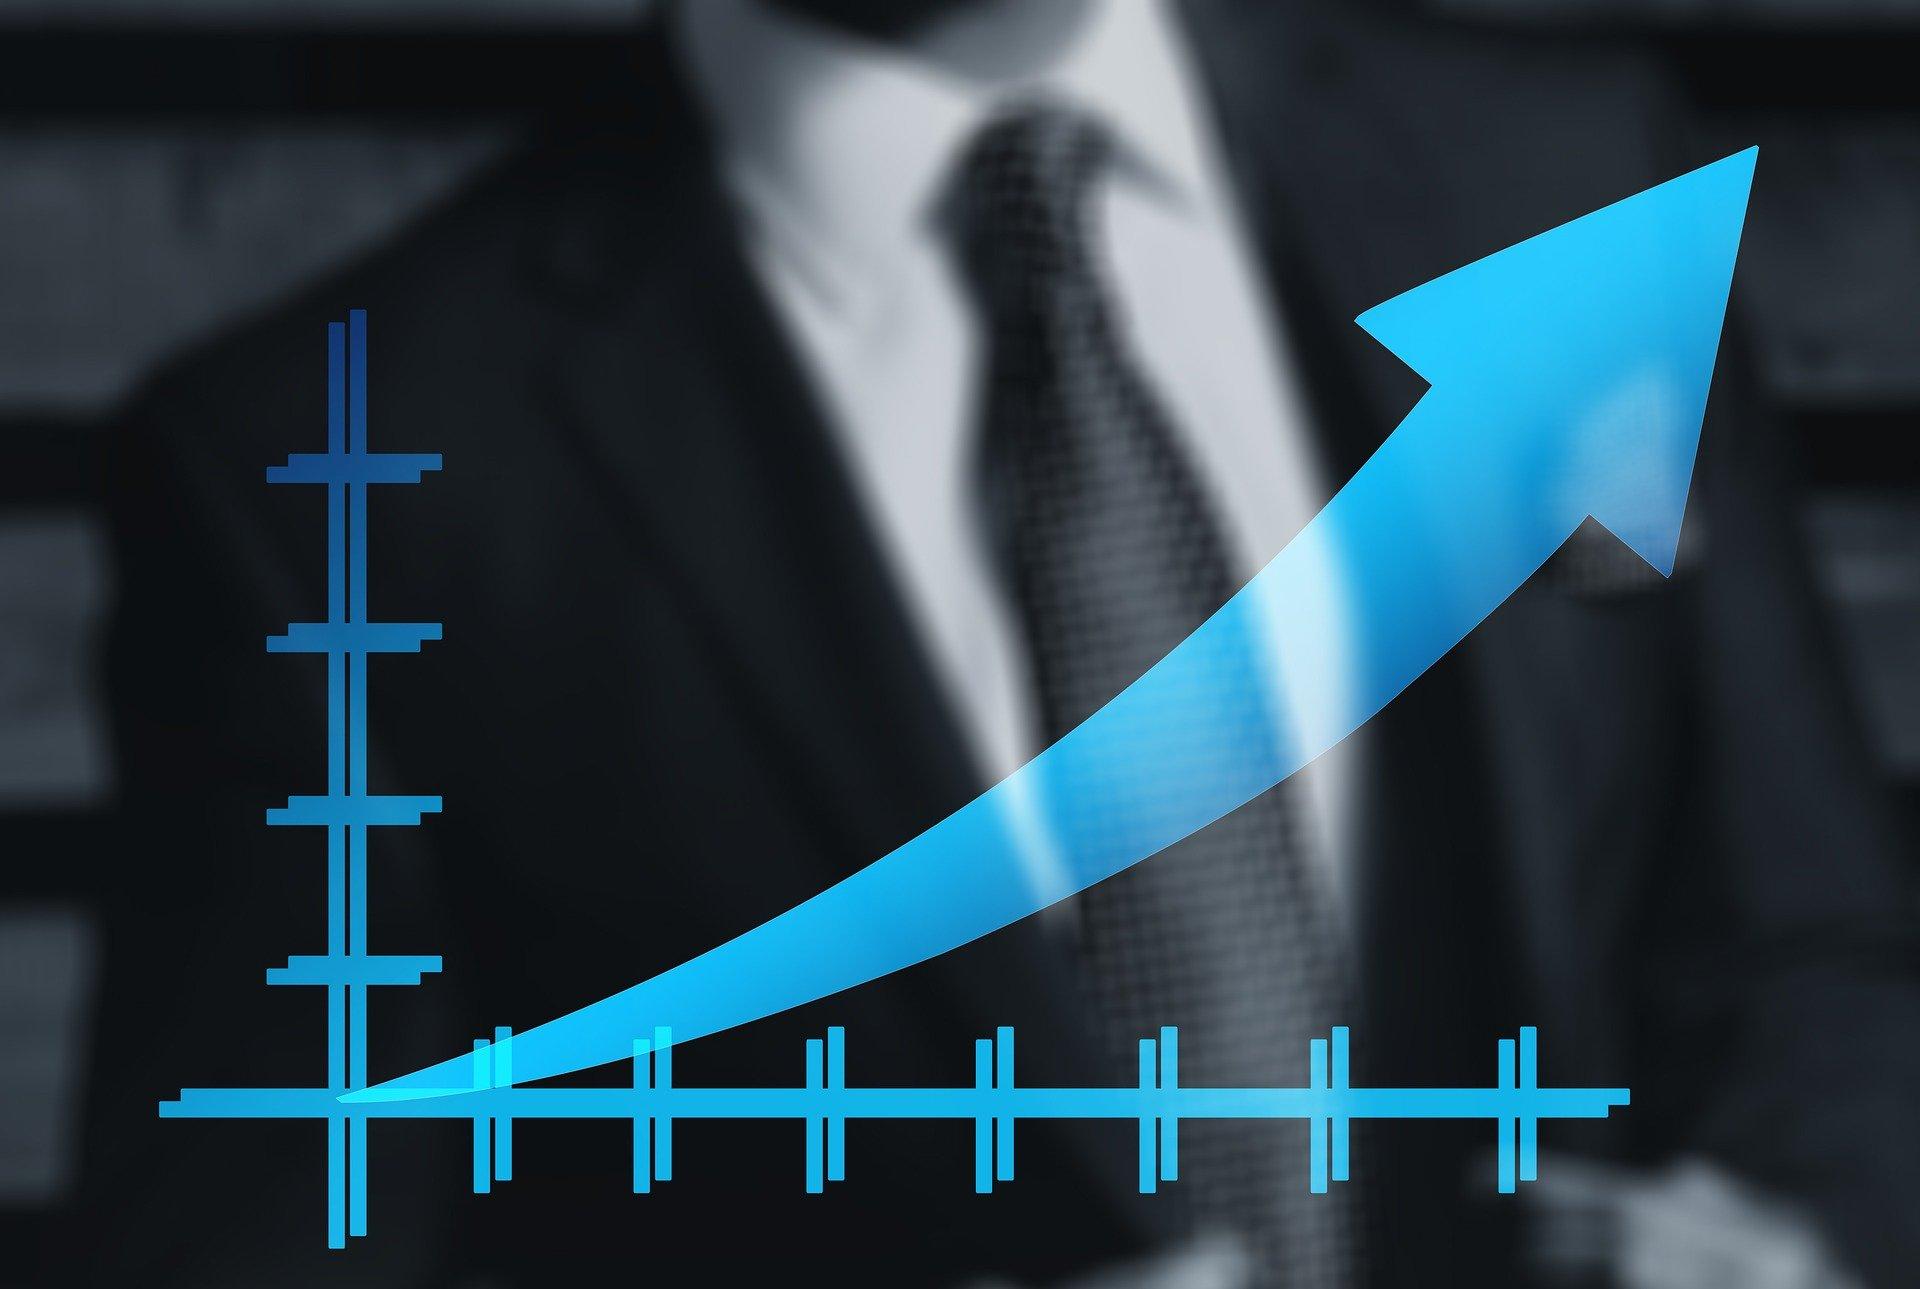 Curso KPI: Indicador-Chave de Desempenho - Como Criar e Usar